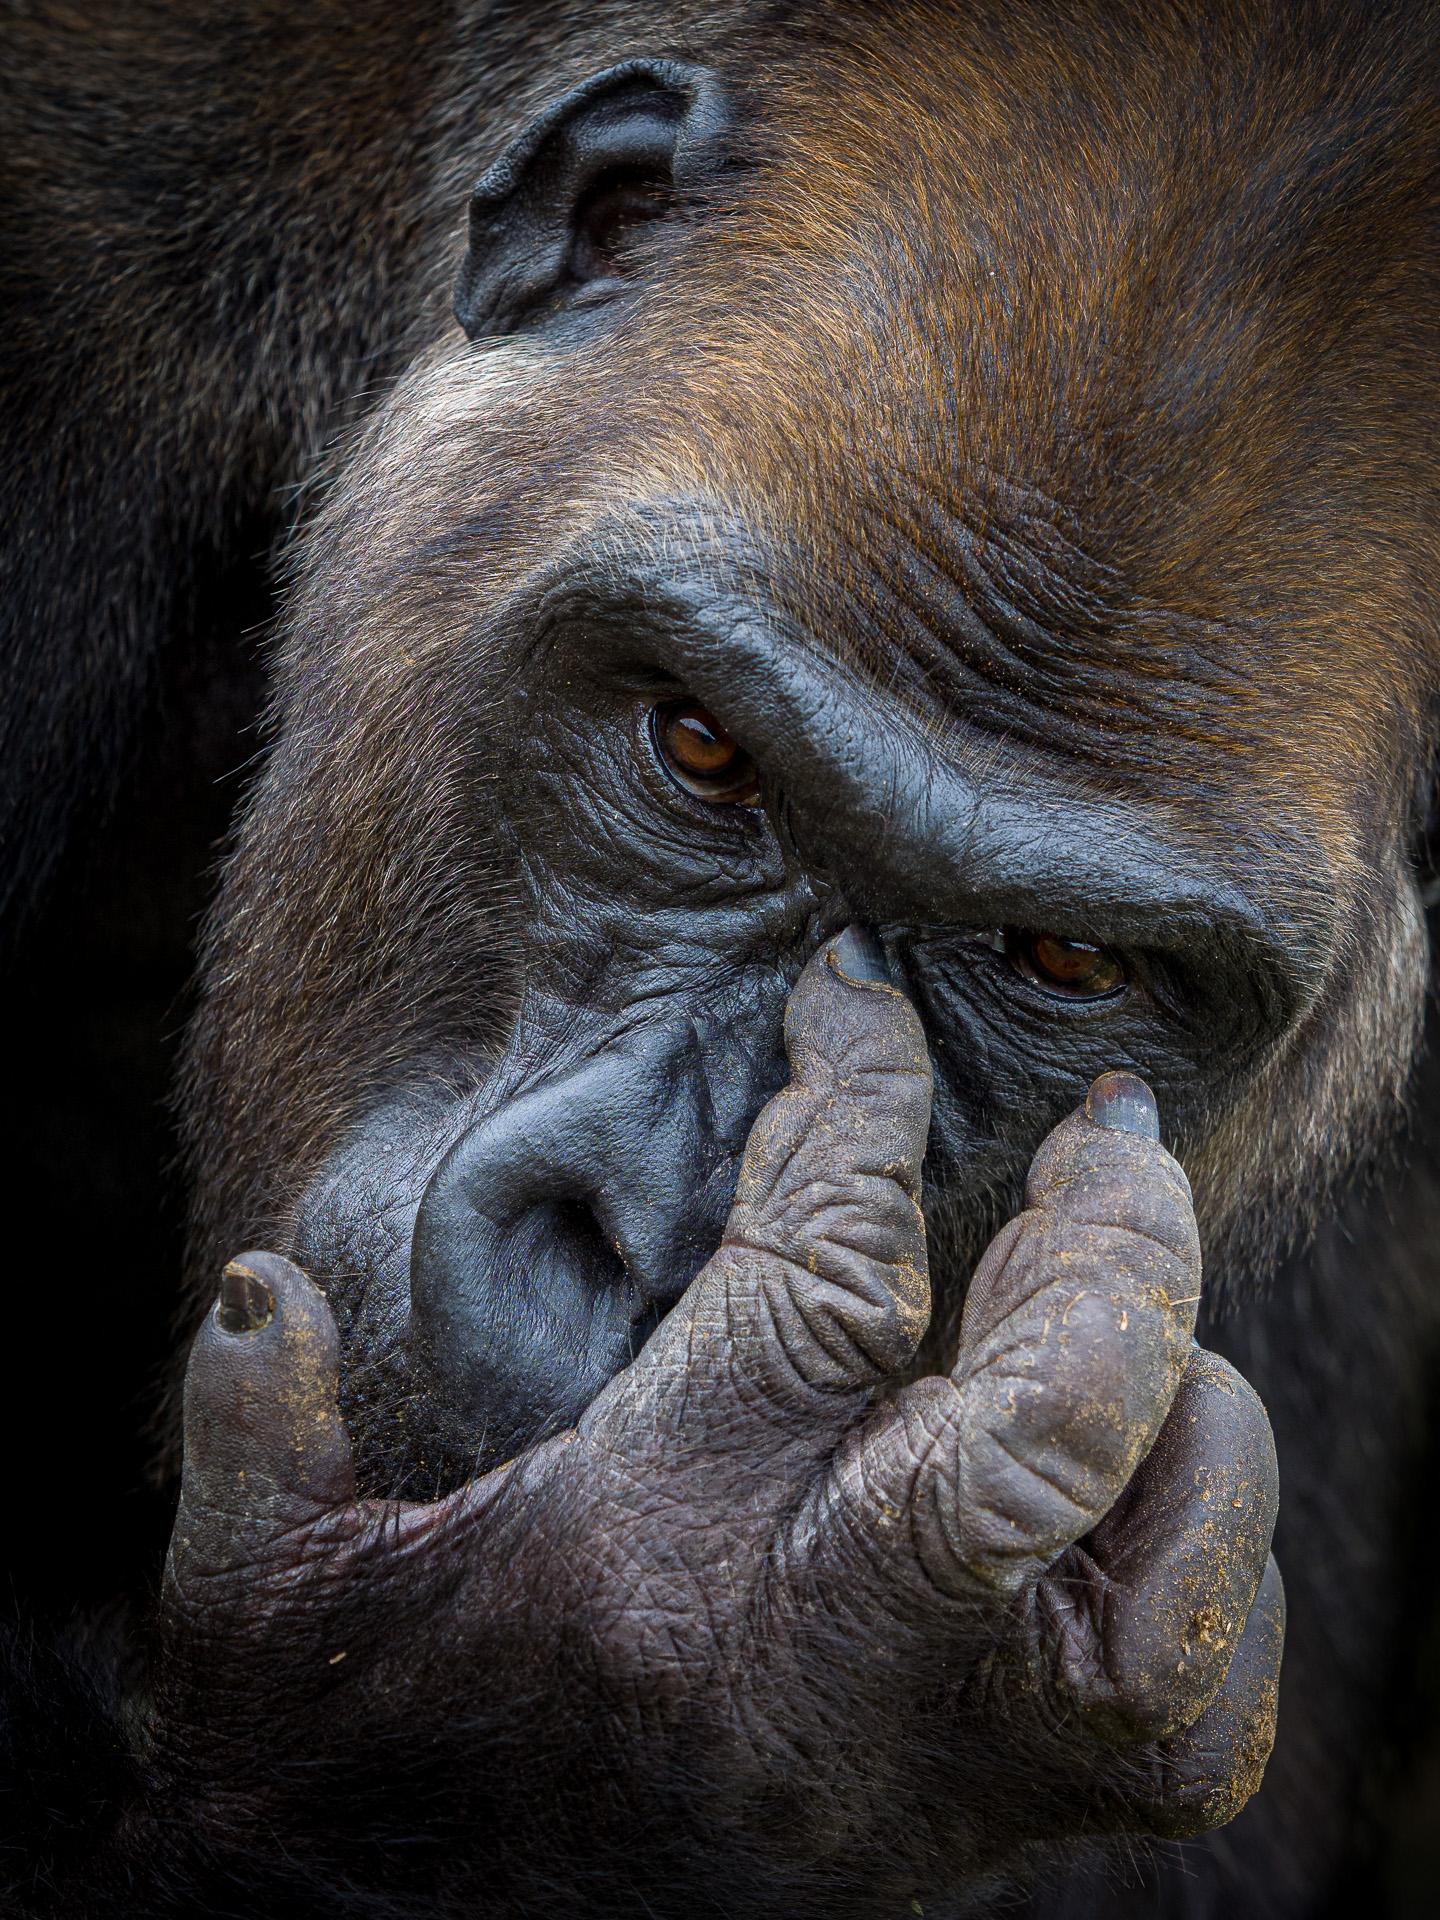 Kliknij obrazek, aby uzyskać większą wersję  Nazwa:20190930_gorilla_hand_001.jpg Wyświetleń:212 Rozmiar:1,31 MB ID:217009